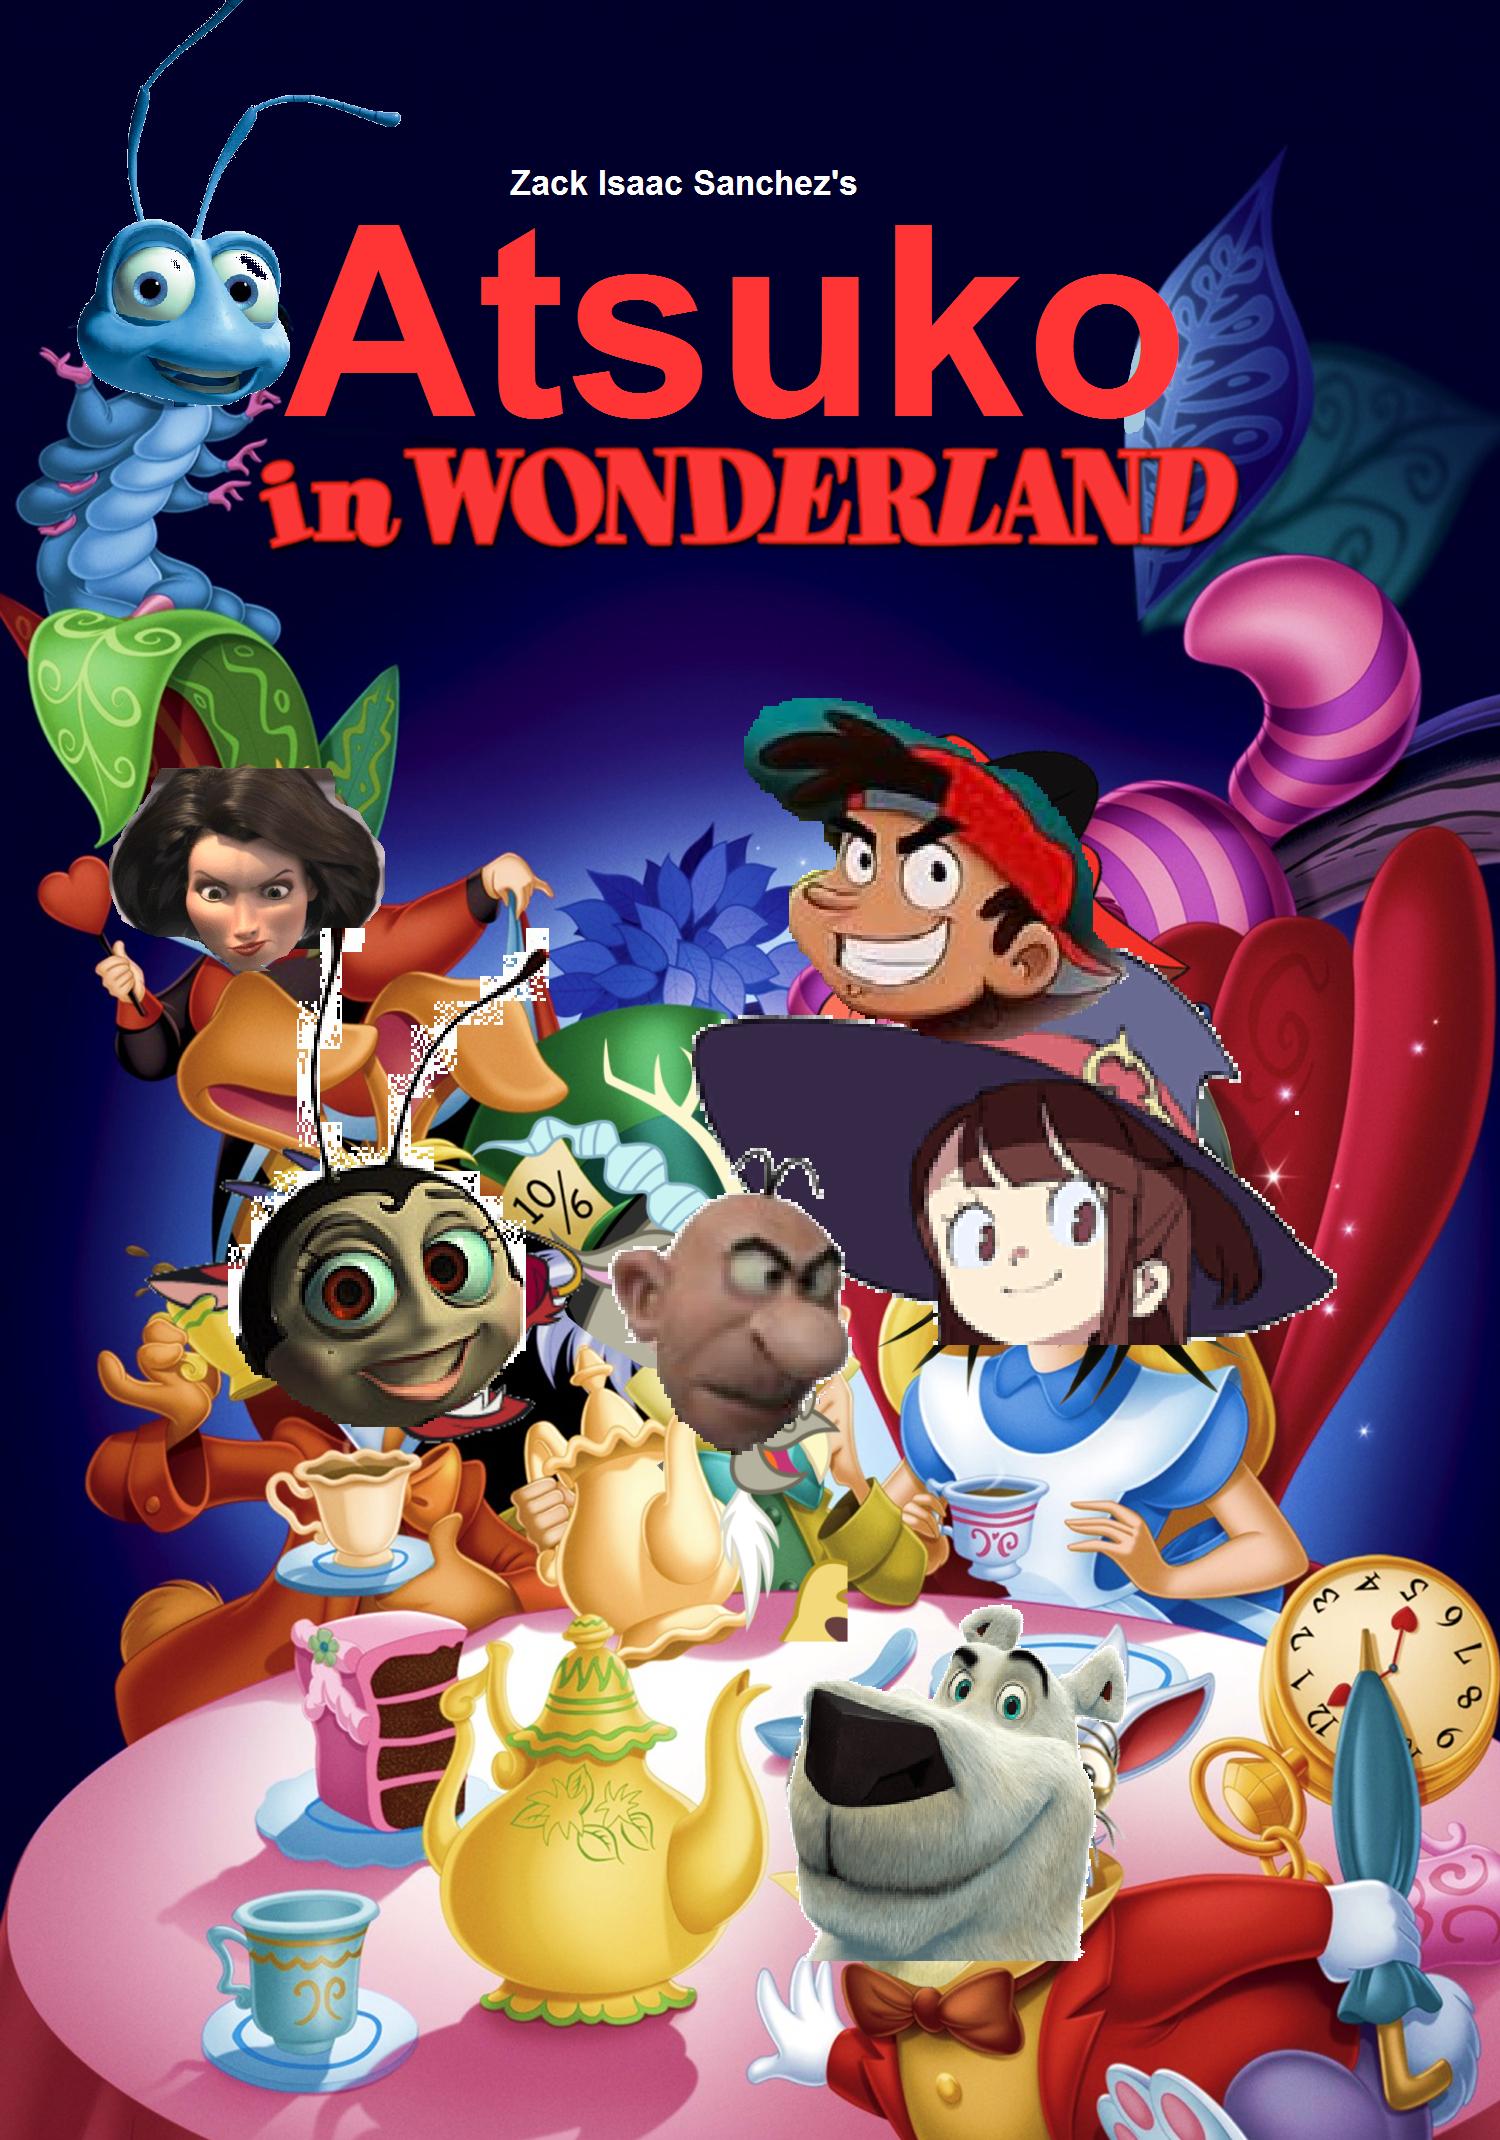 Atsuko in Wonderland